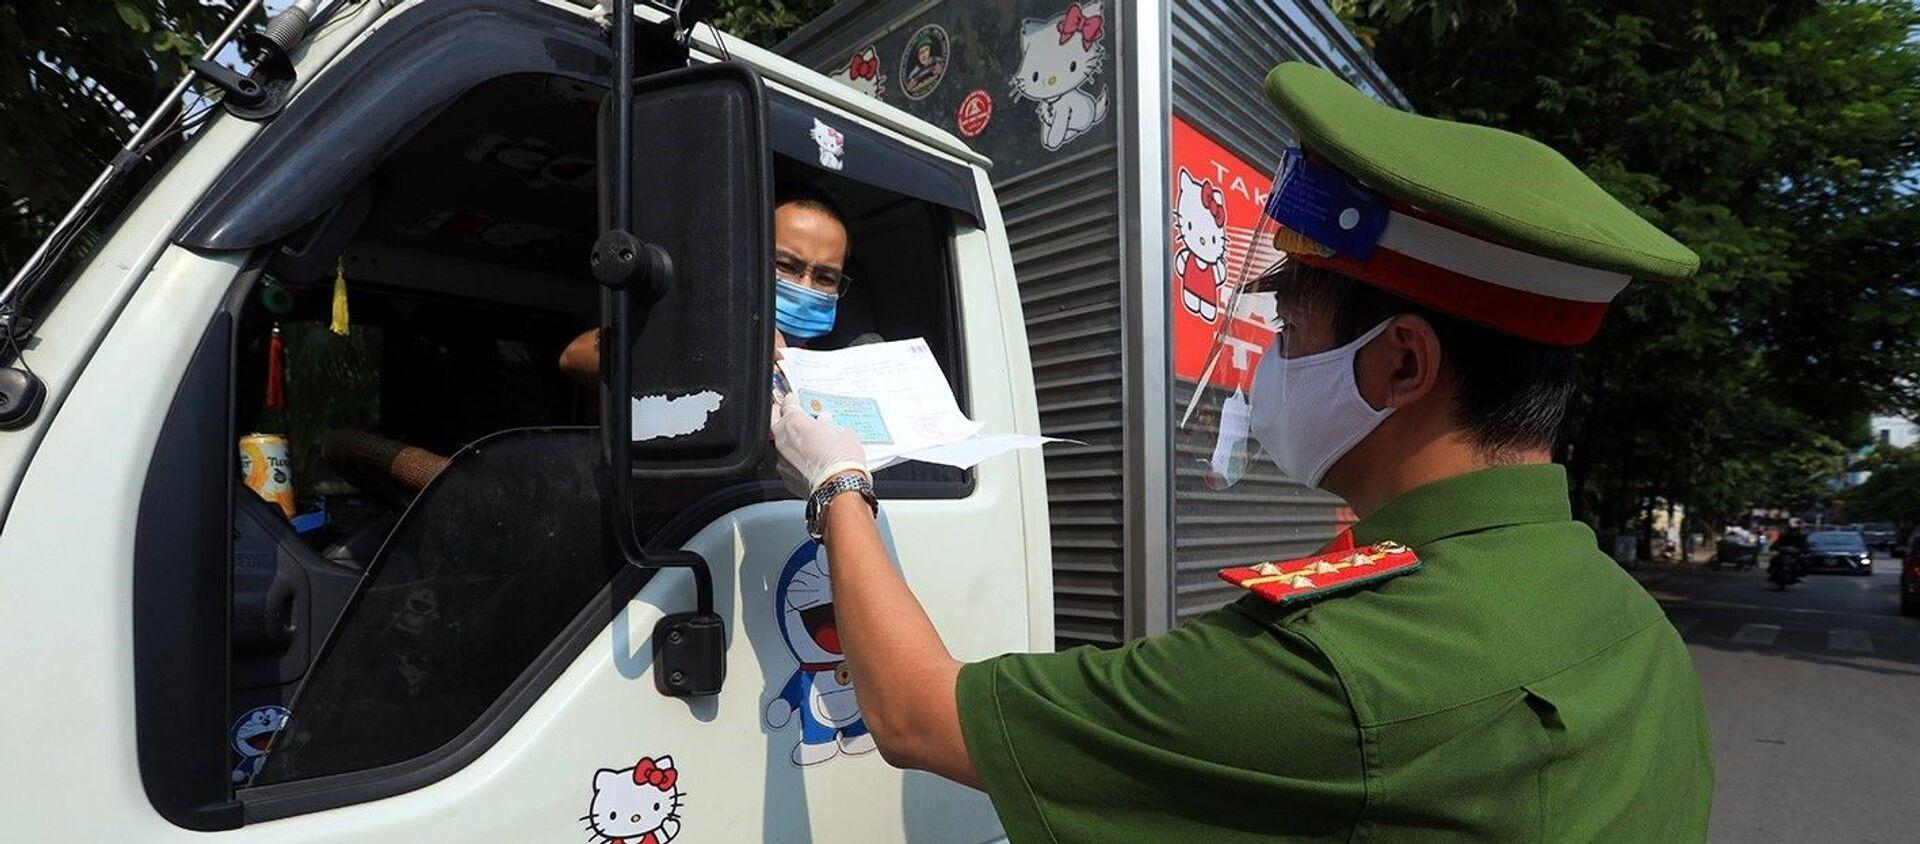 Công an kiểm tra giấy đi đường và giấy phép vận chuyển hàng hóa thiết yếu của các phương tiện vận tải - Sputnik Việt Nam, 1920, 06.09.2021